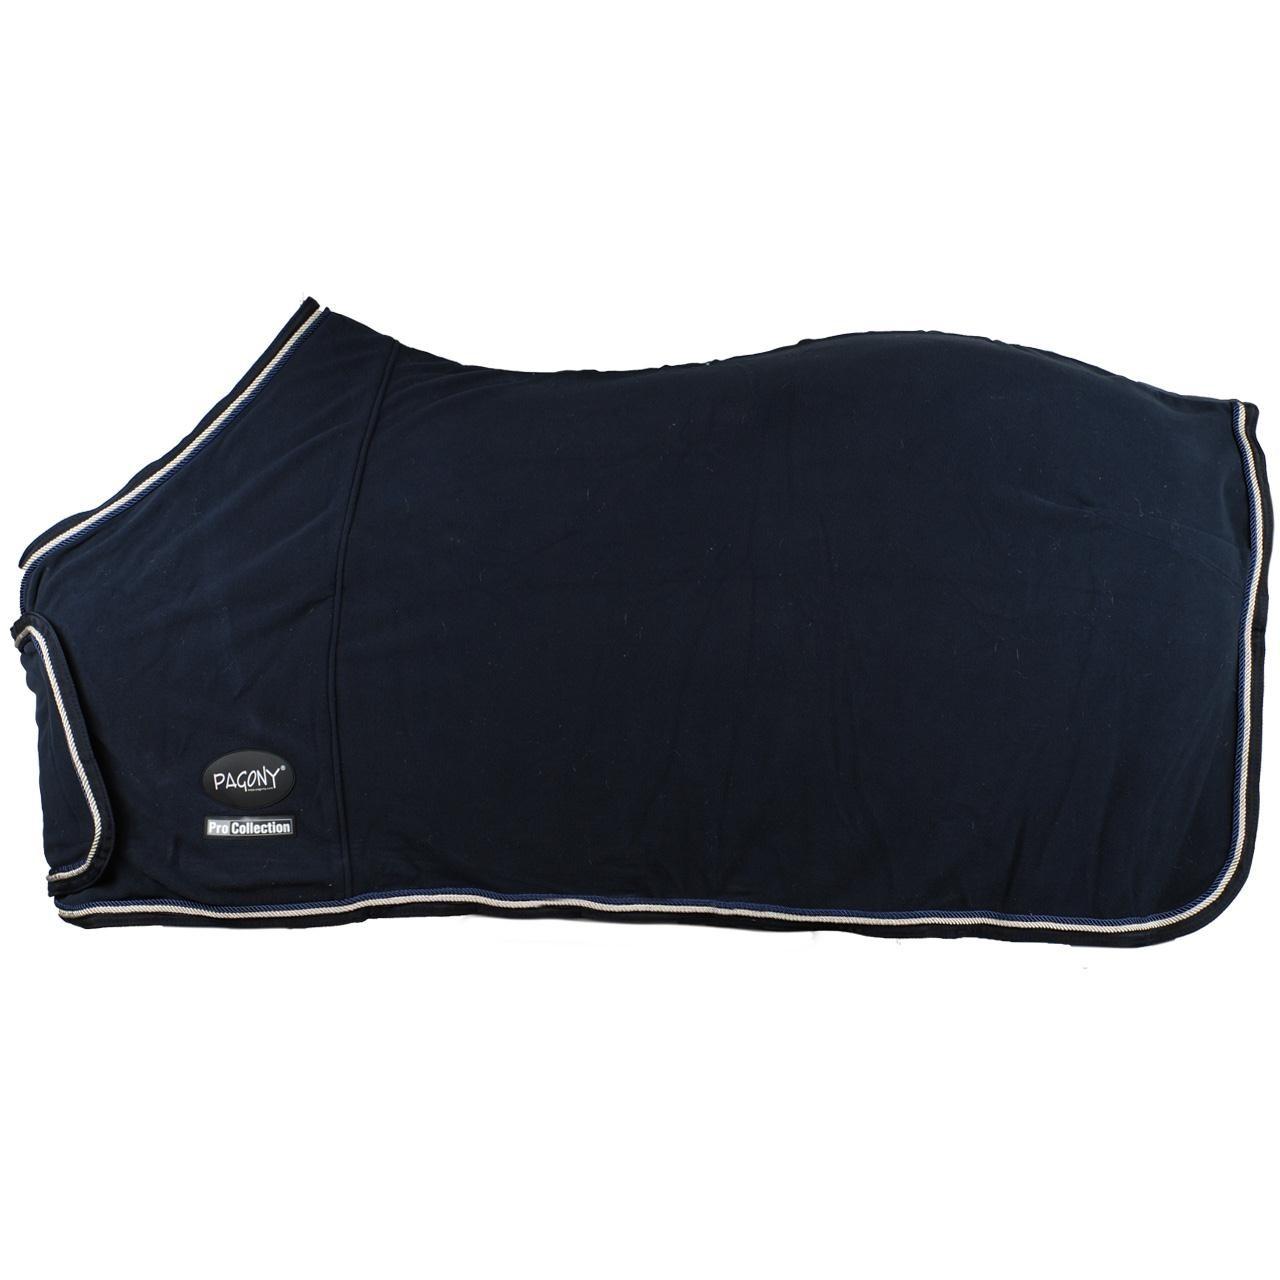 Pagony Pro showfleece deken blauw maat:185